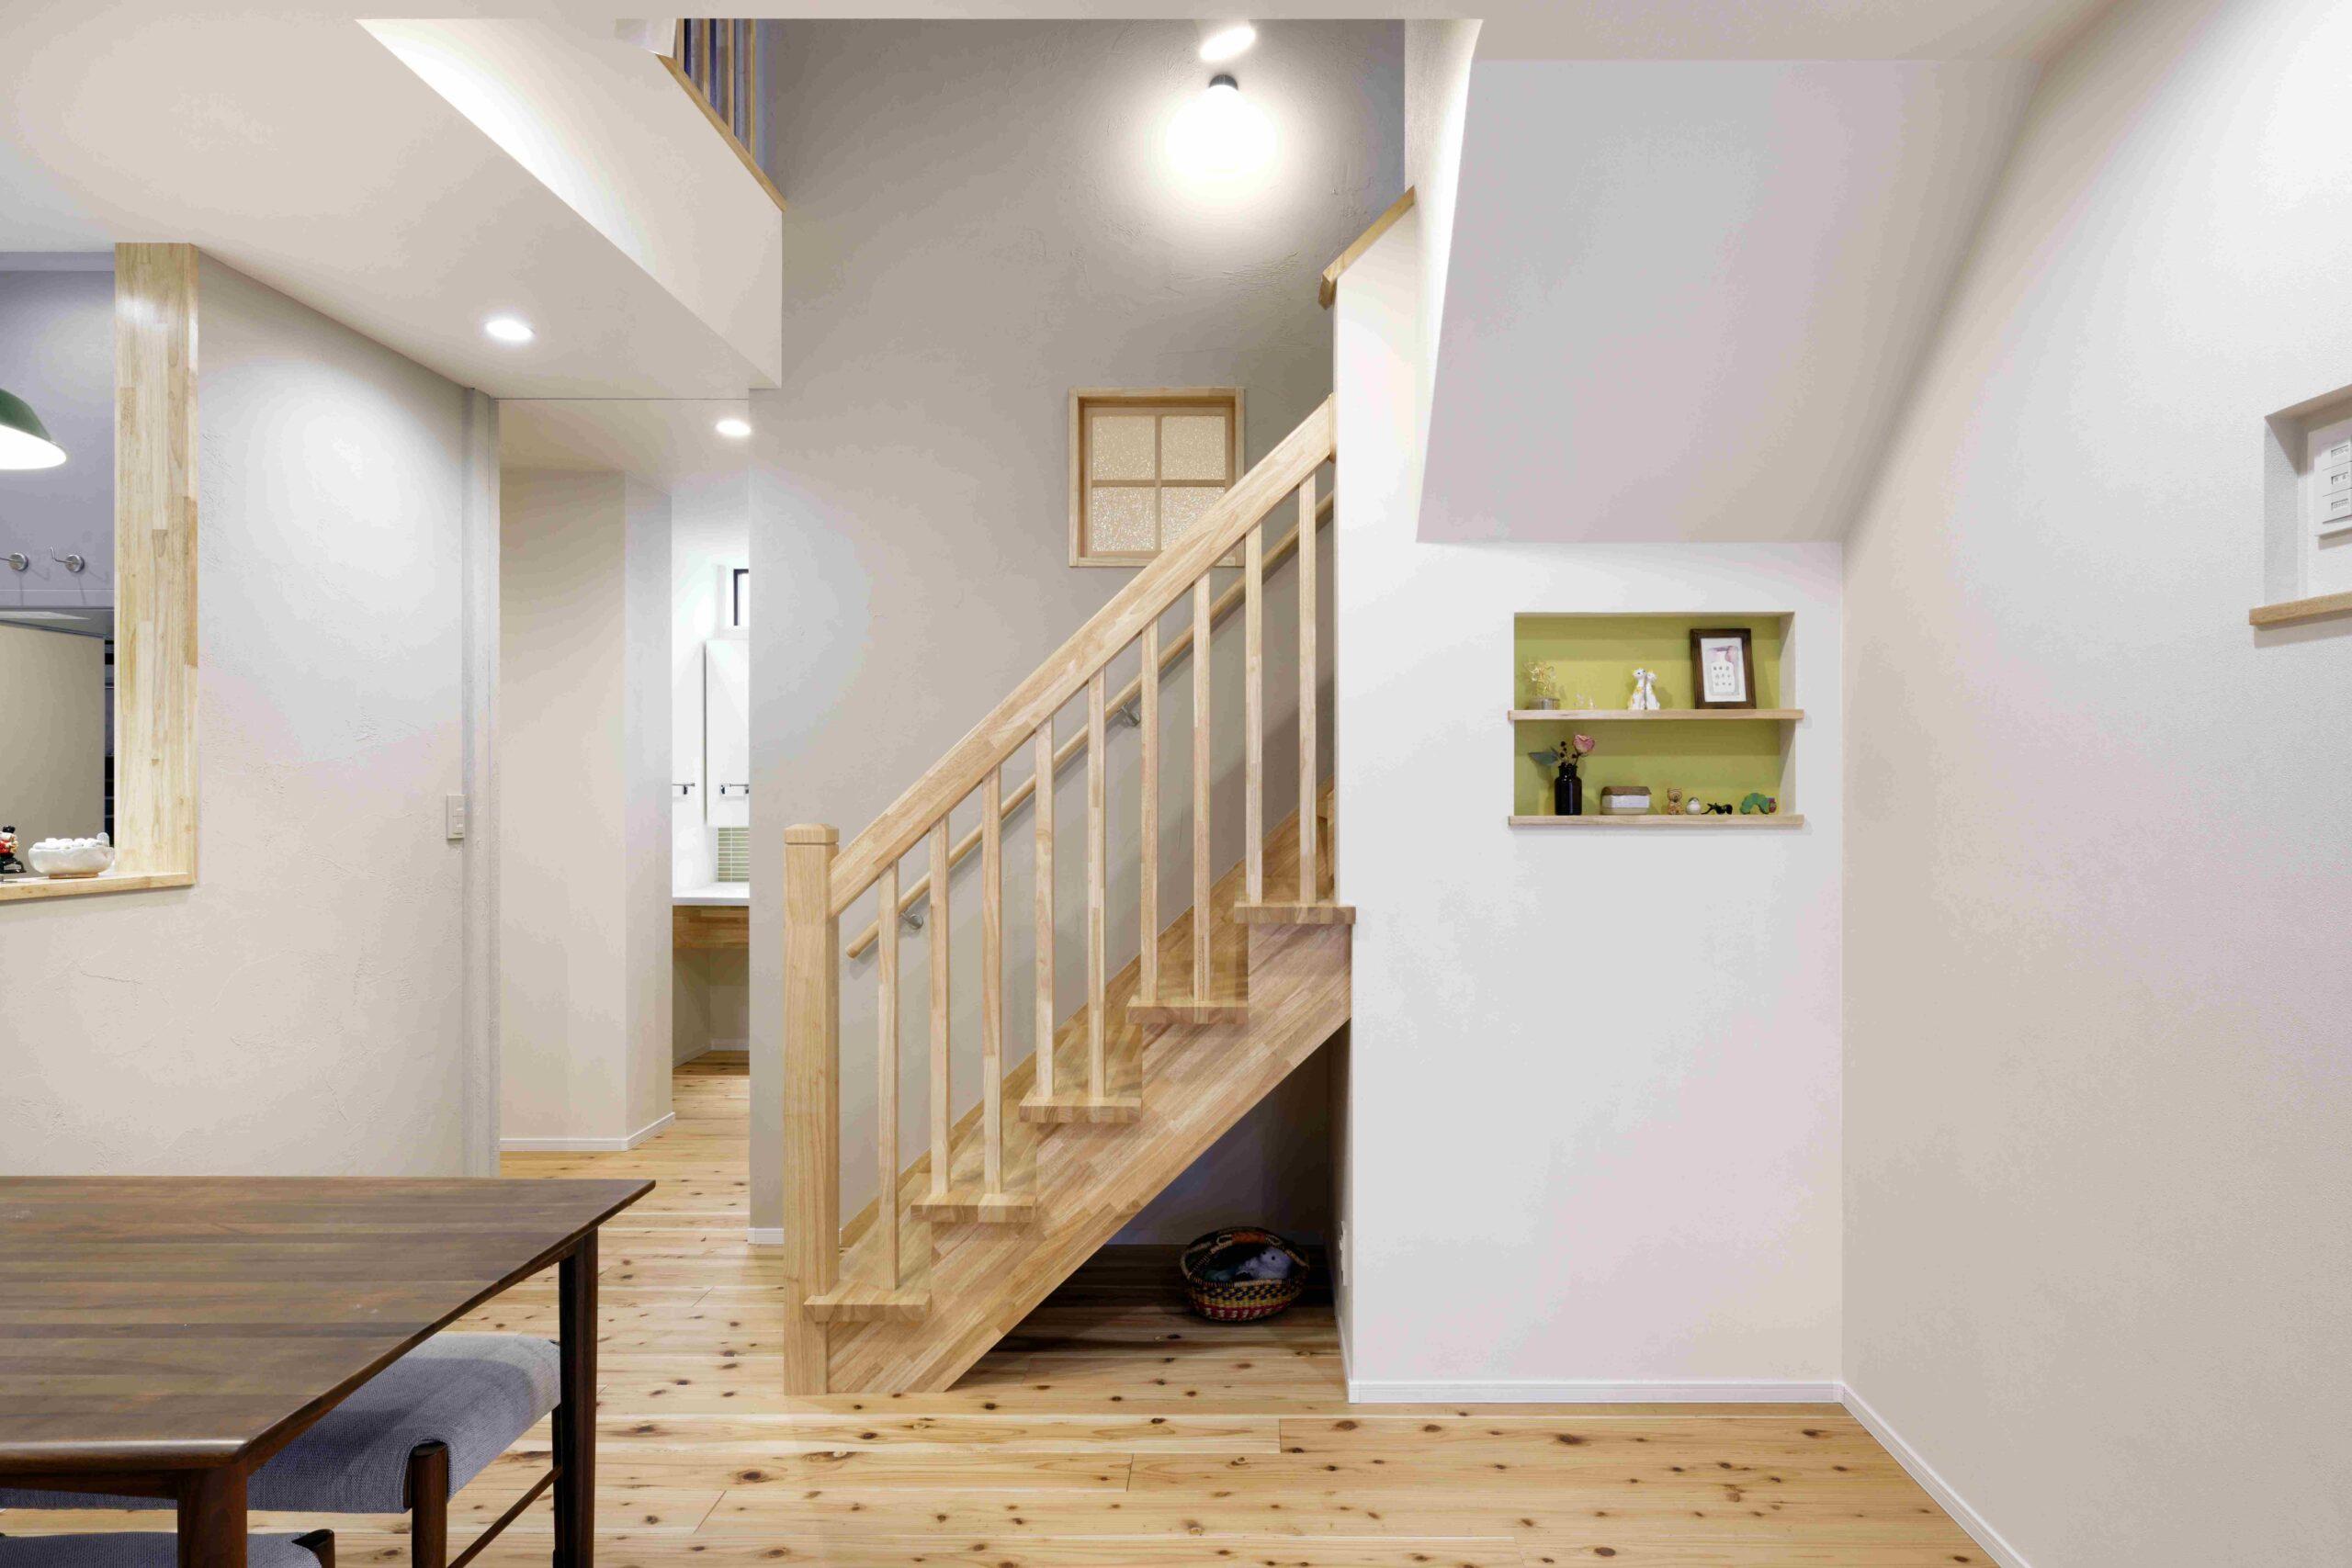 木の素材感がナチュラルなリビングイン階段。「ただいま」が自然と聞こえる、家族の絆を紡ぐ設計。